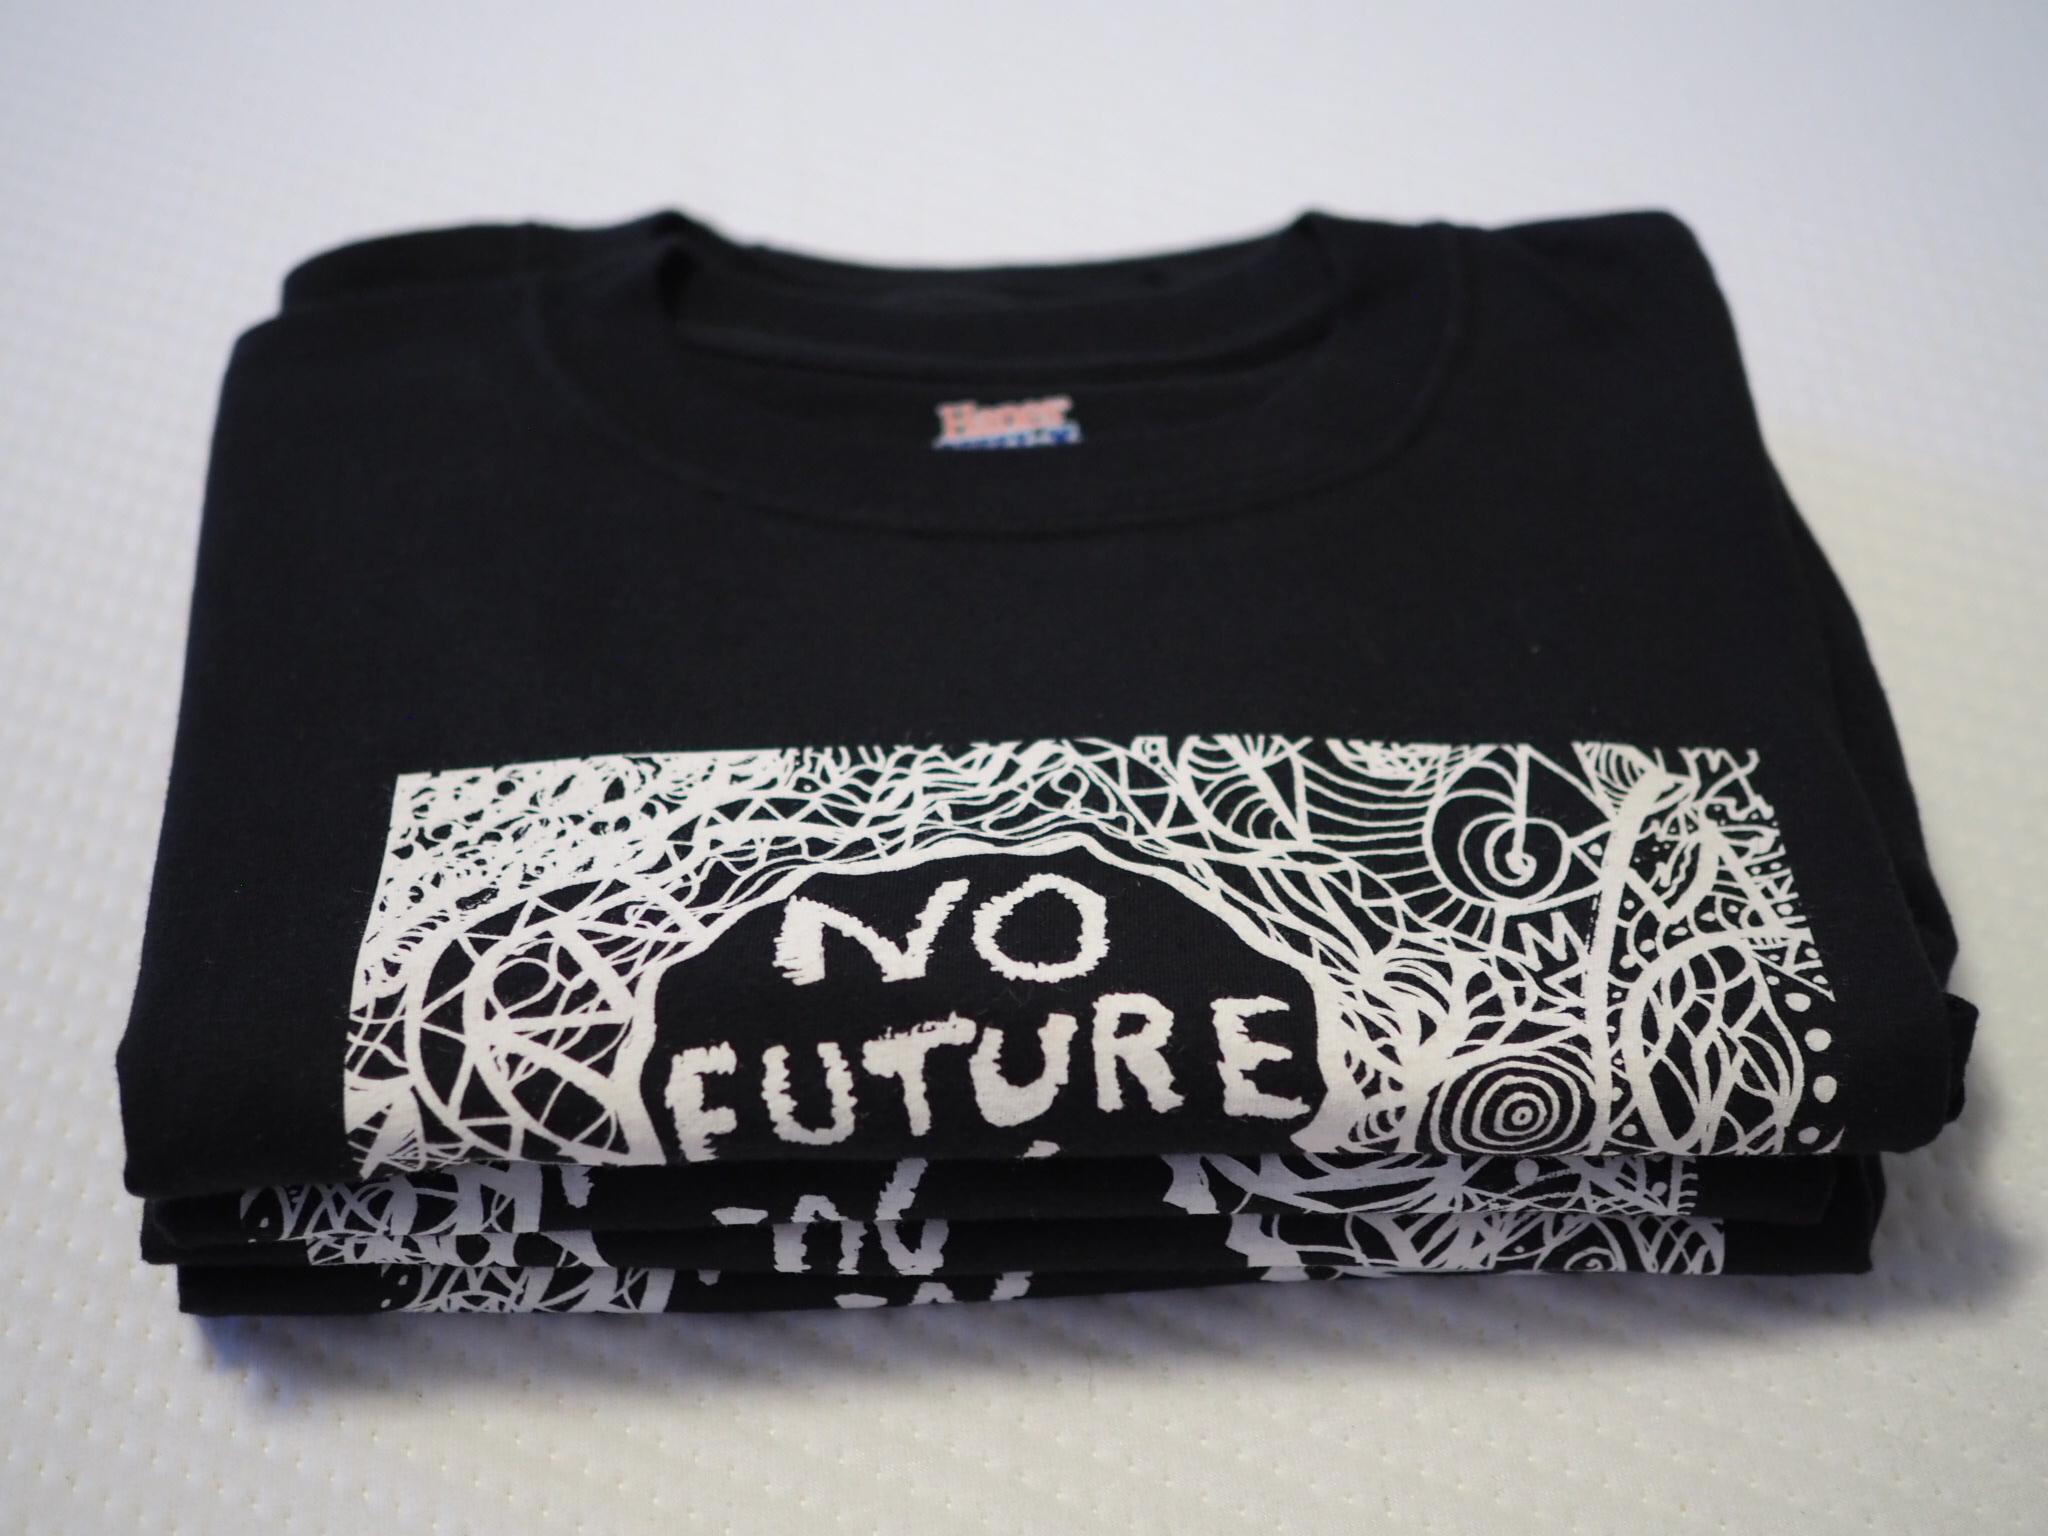 No Future In Our Frontman – T-Shirt - Matthew E. White